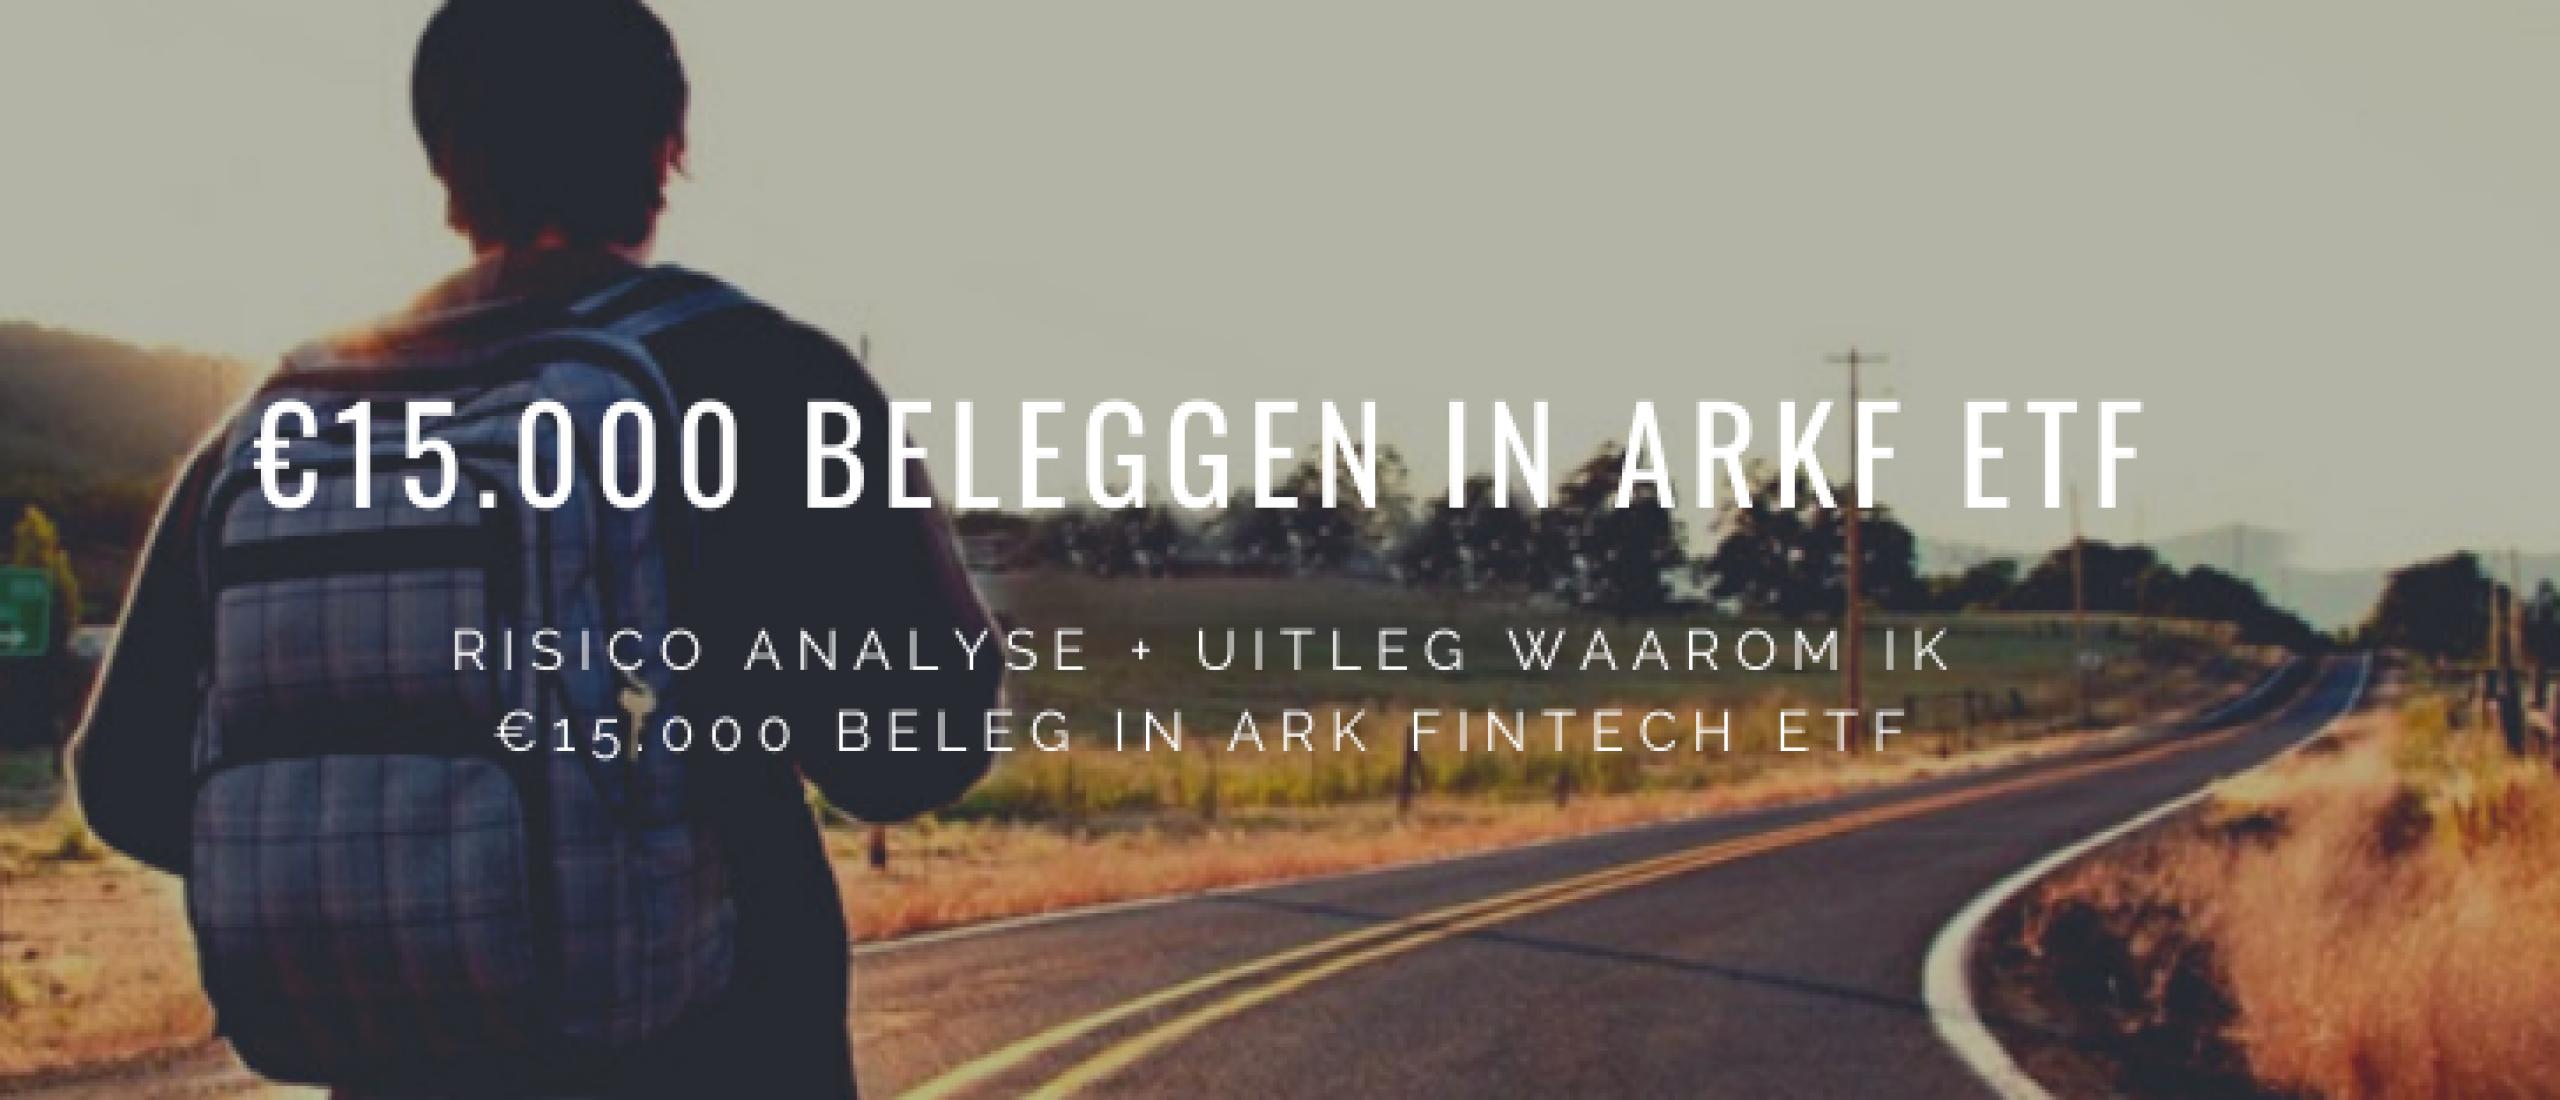 €15000 beleggen in ARK Fintech ETF: Analyse Kansen en Risico's